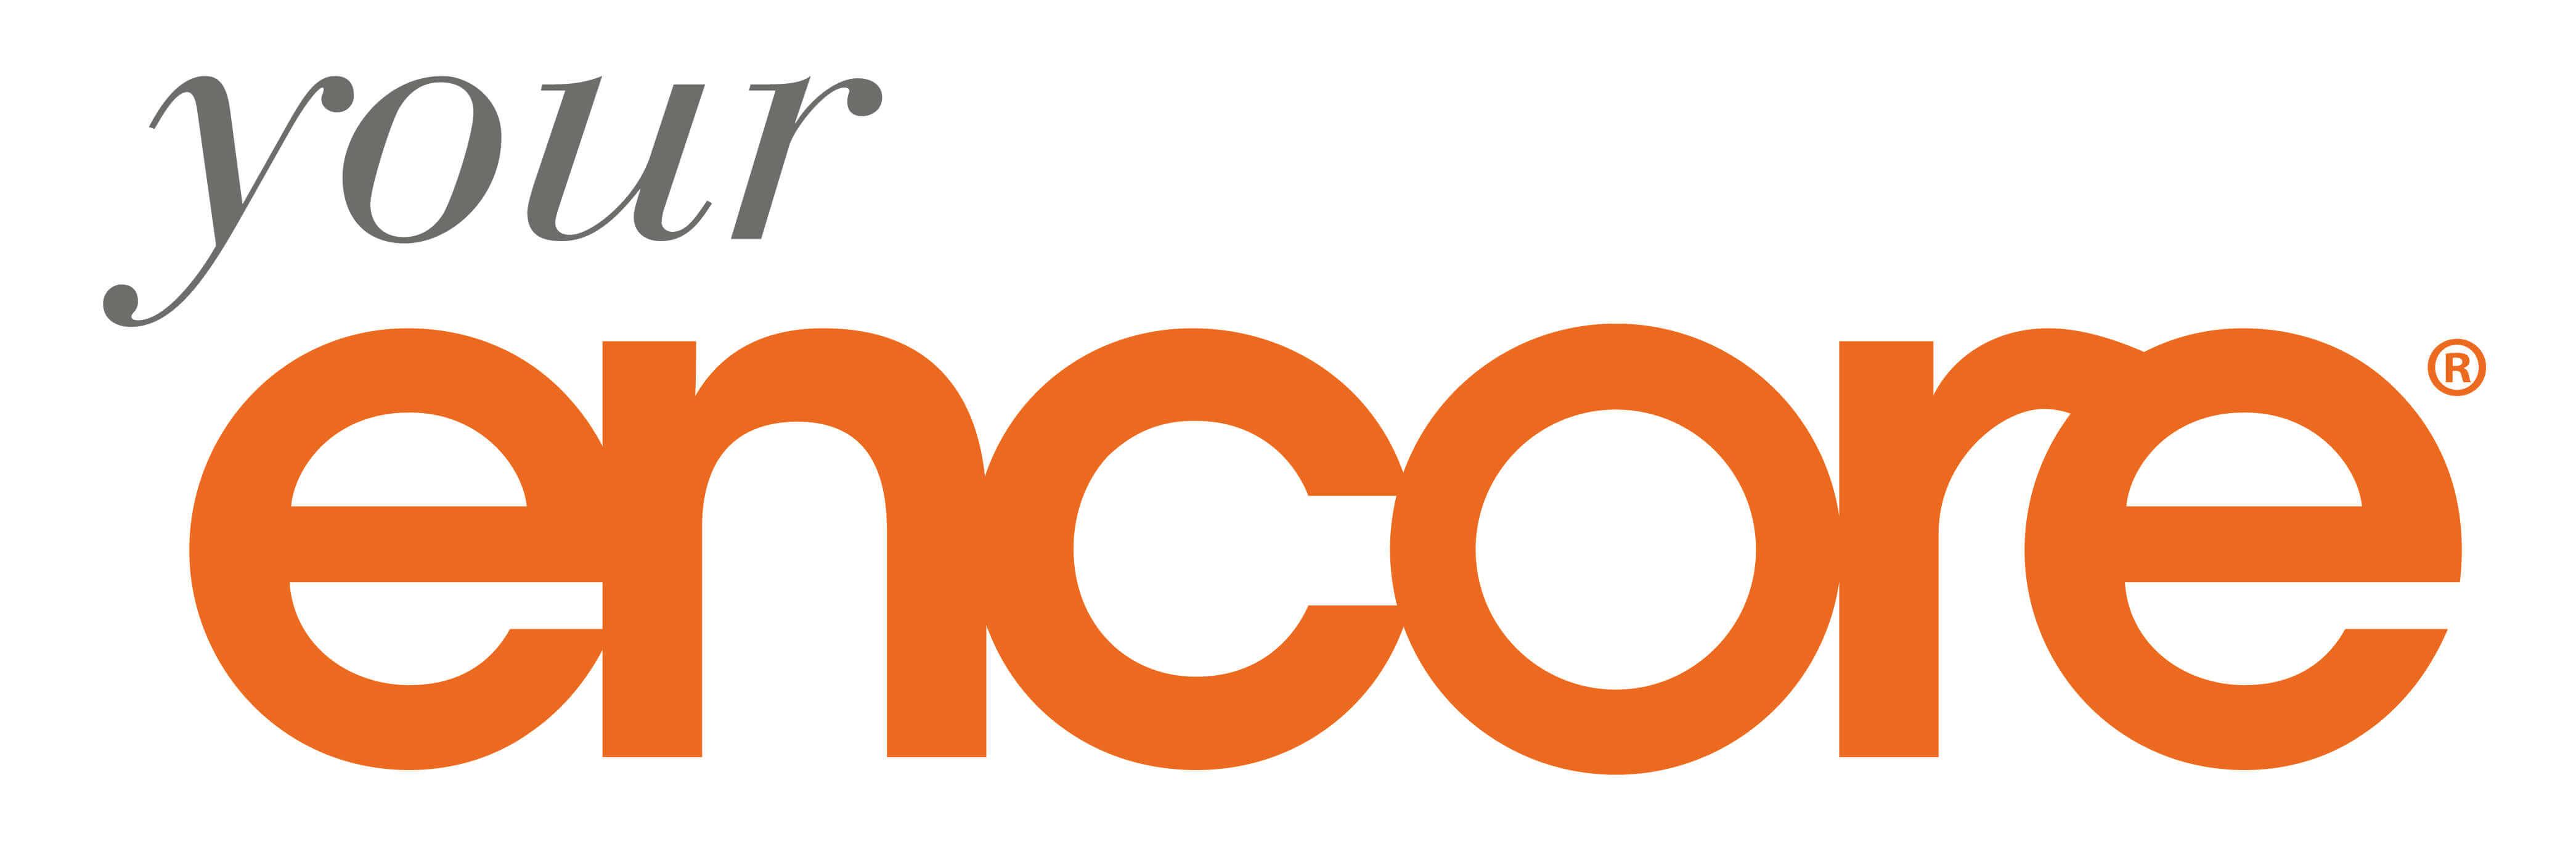 yourencore-logo